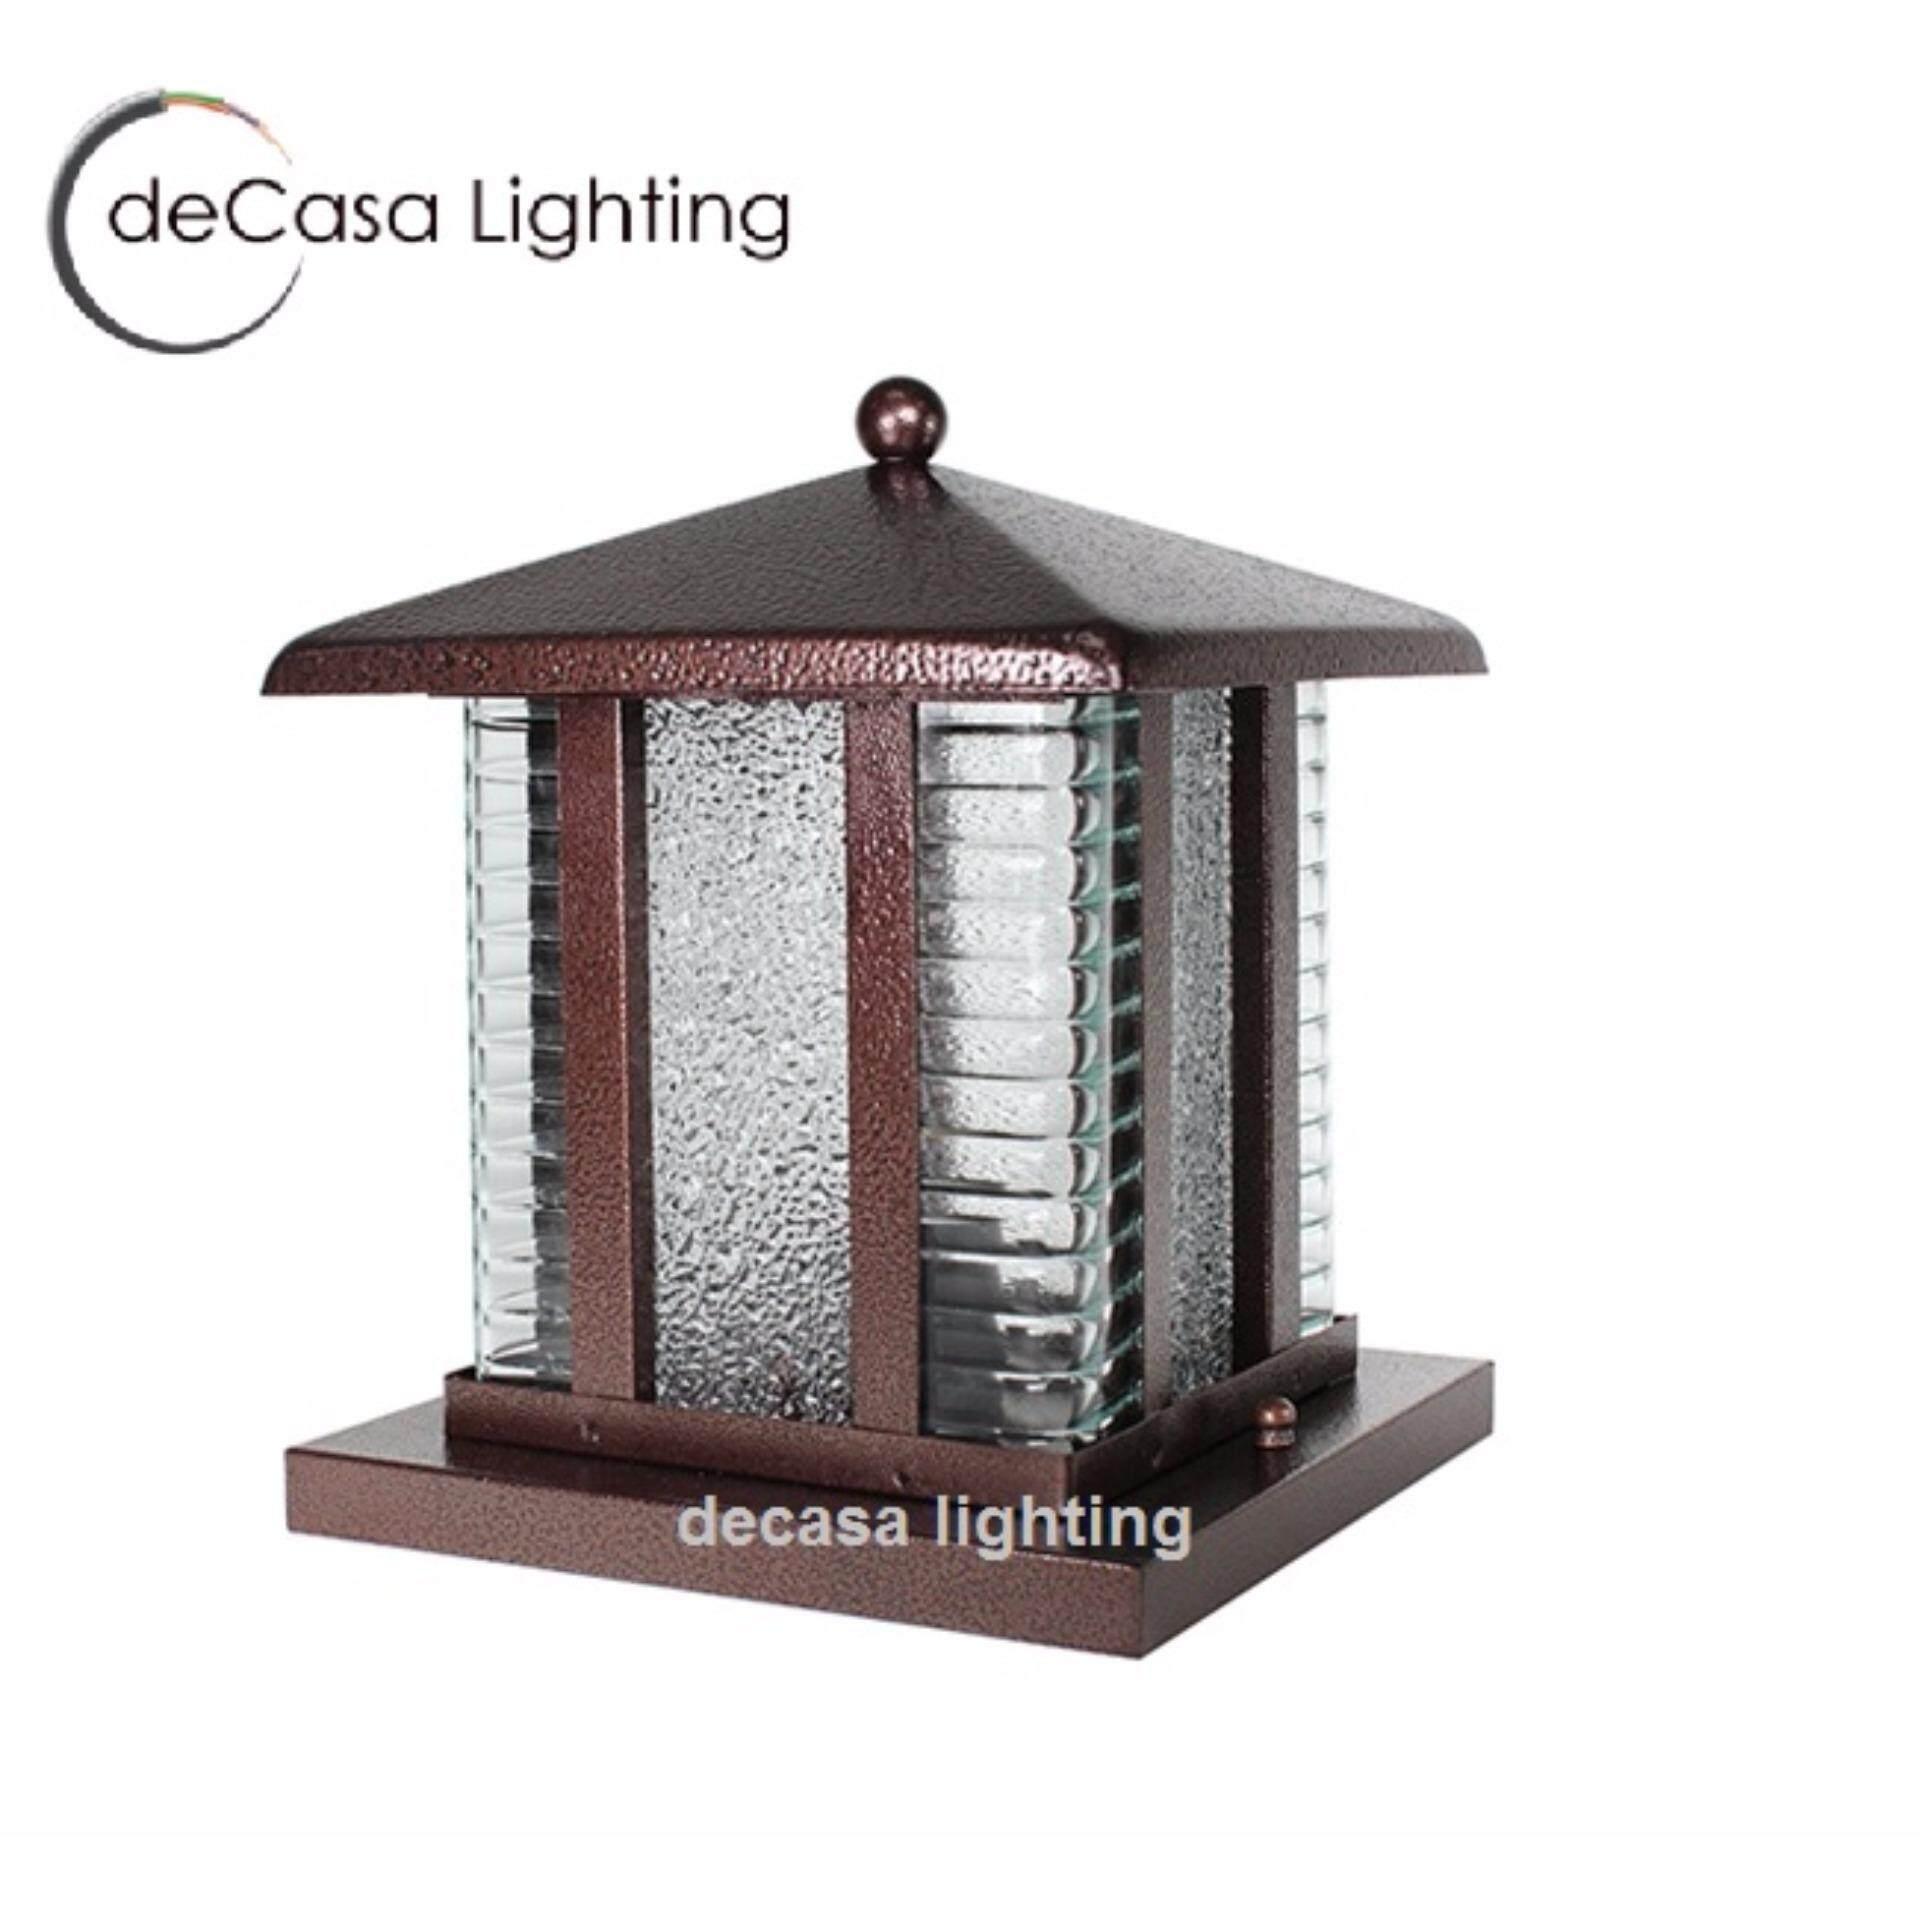 E27 Lamp Holder Decasa Outdoor Pillar Light Weather Proof Gate 12 Inch Best Er Garden Lighting